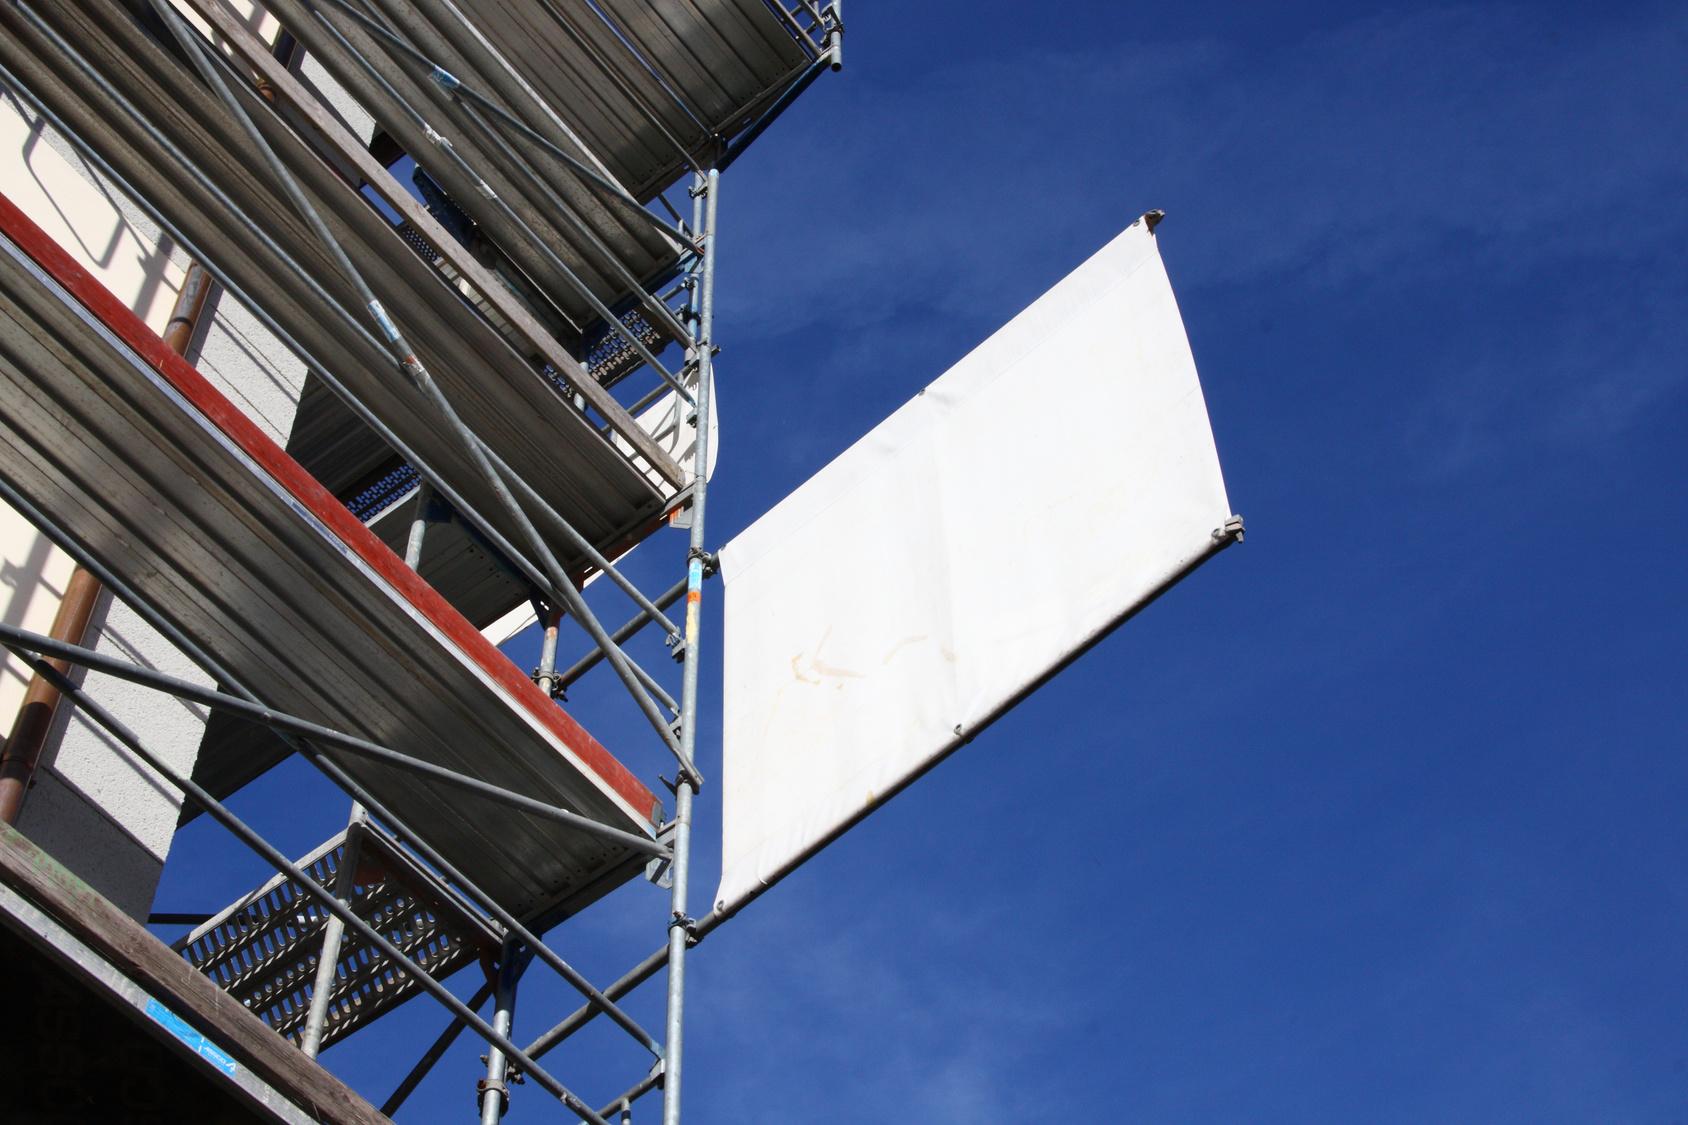 Eine weiße PVC-Plane, an ein Baugerüst gespannt.